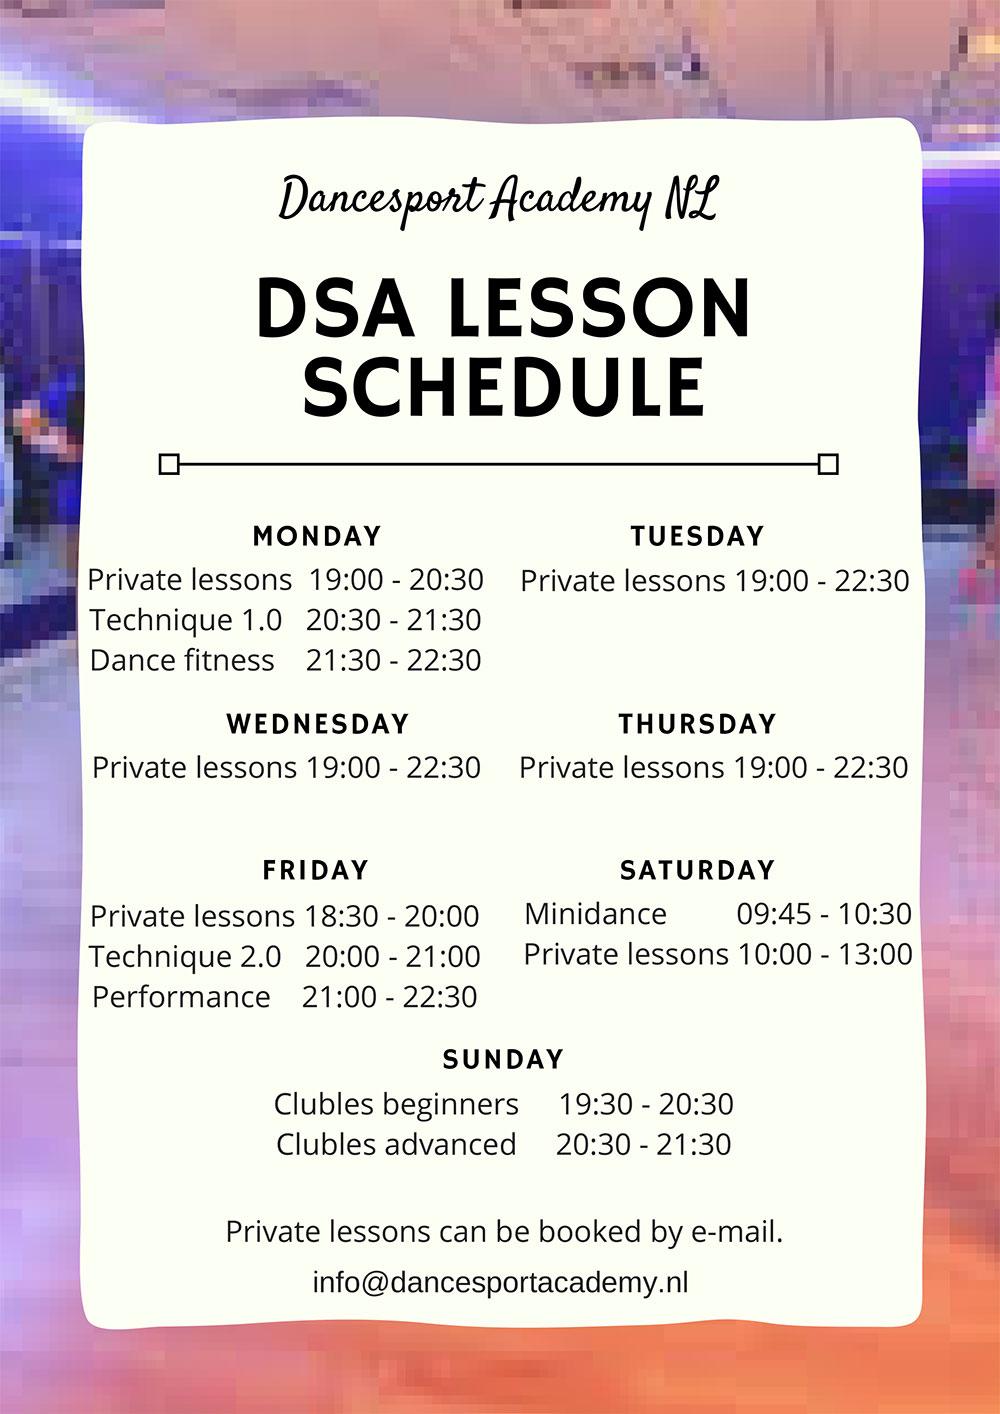 DSA Lesson Schedule